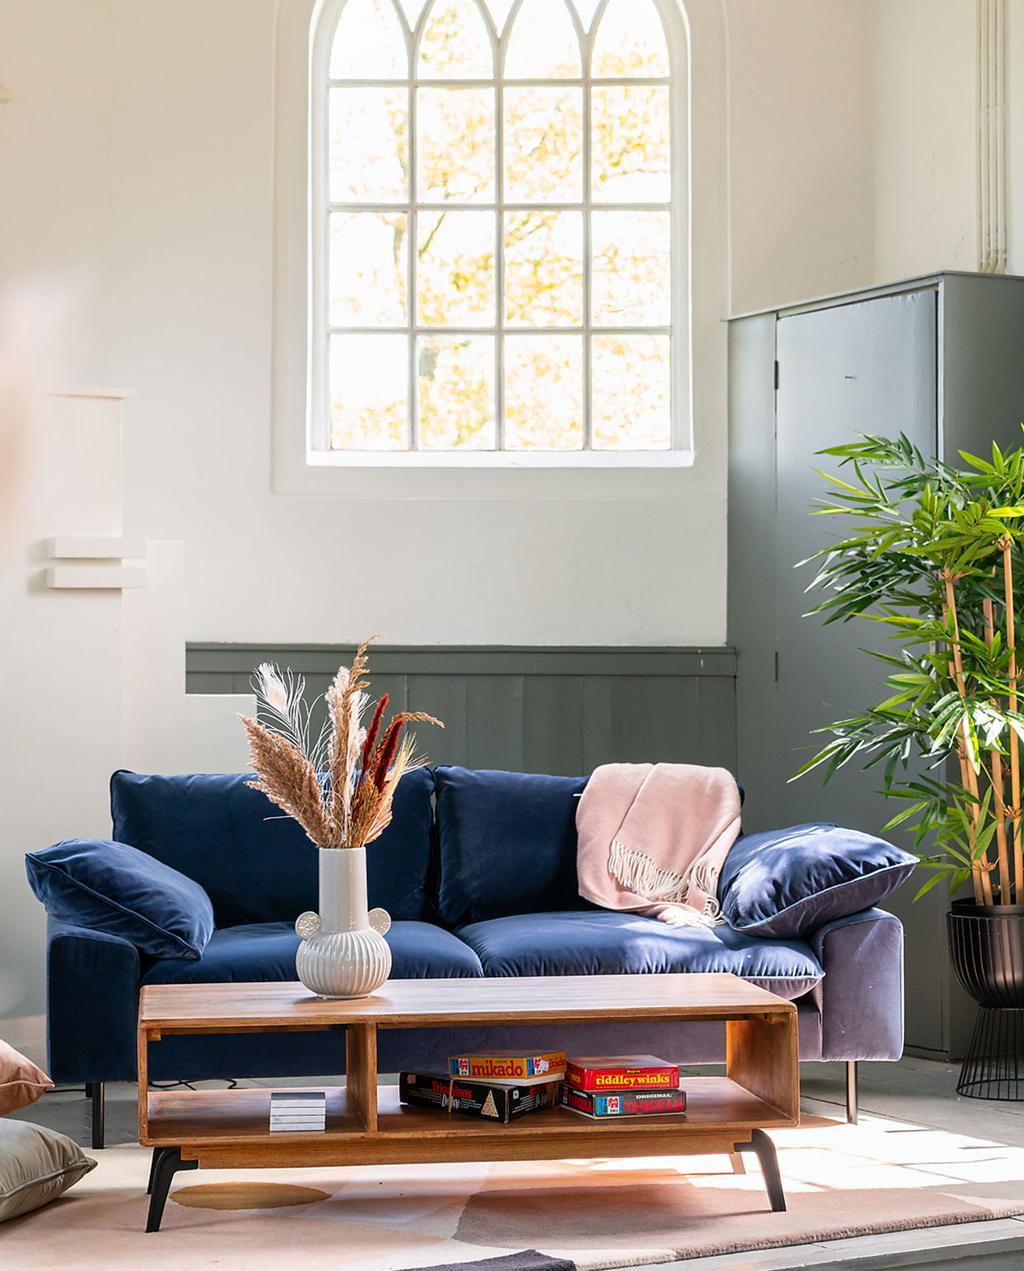 heilige nachten en made.com | overnachten in een opgeknapte kerk | donkerblauwe fluwelen bank en houten salontafel bij groot raam